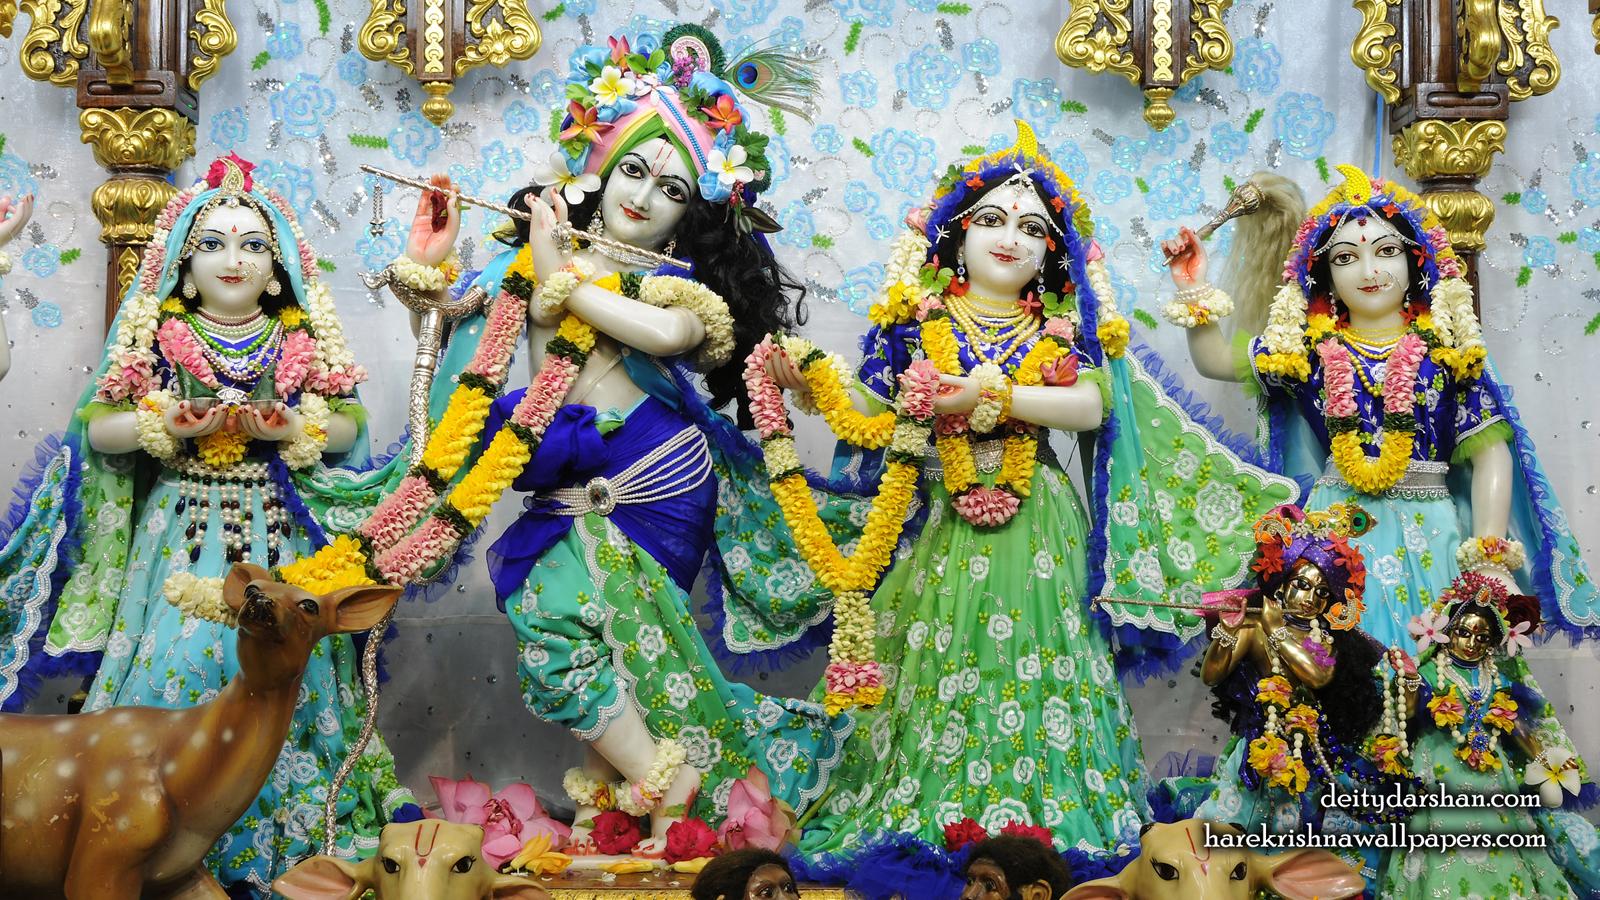 Sri Sri Radha Gopinath Lalita Vishakha Wallpaper (069) Size 1600x900 Download